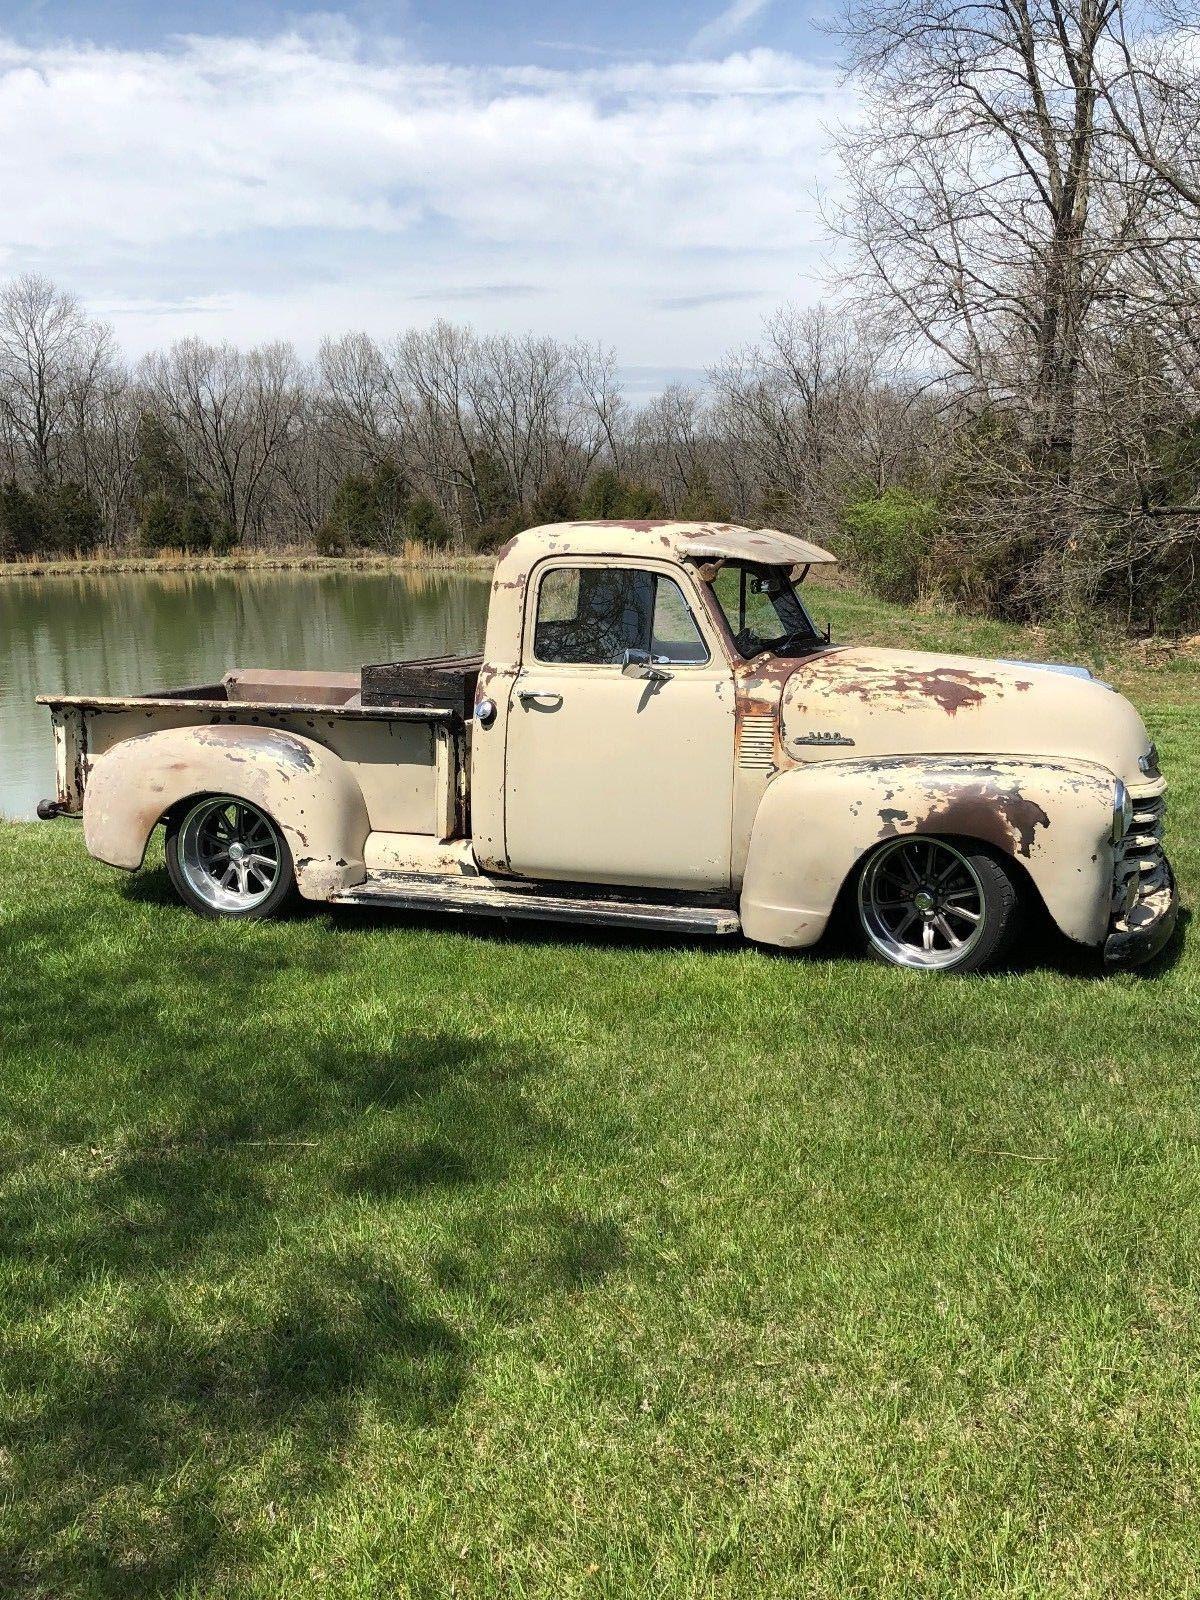 1953 Chevrolet Other Pickups Pickup Trucks Pickup Trucks For Sale Truck Rims